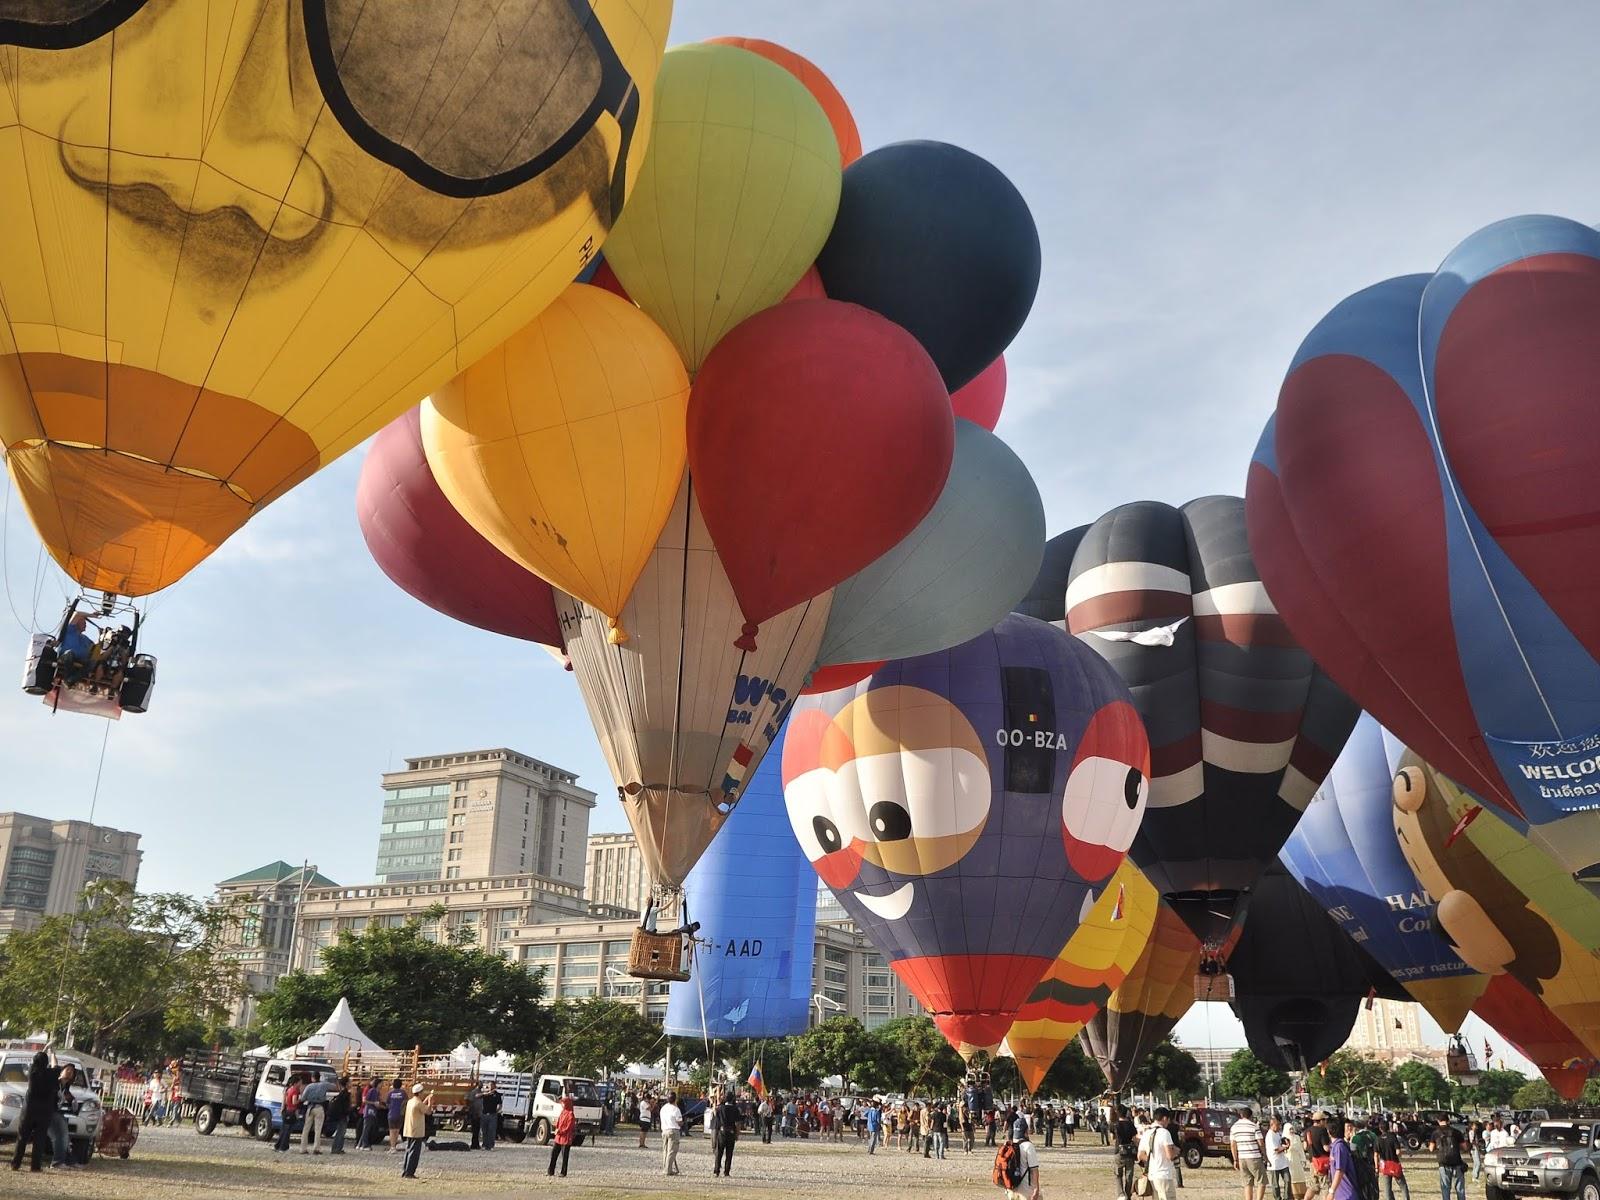 More than 20 hot air balloons for MyBalloonFiesta 2020!